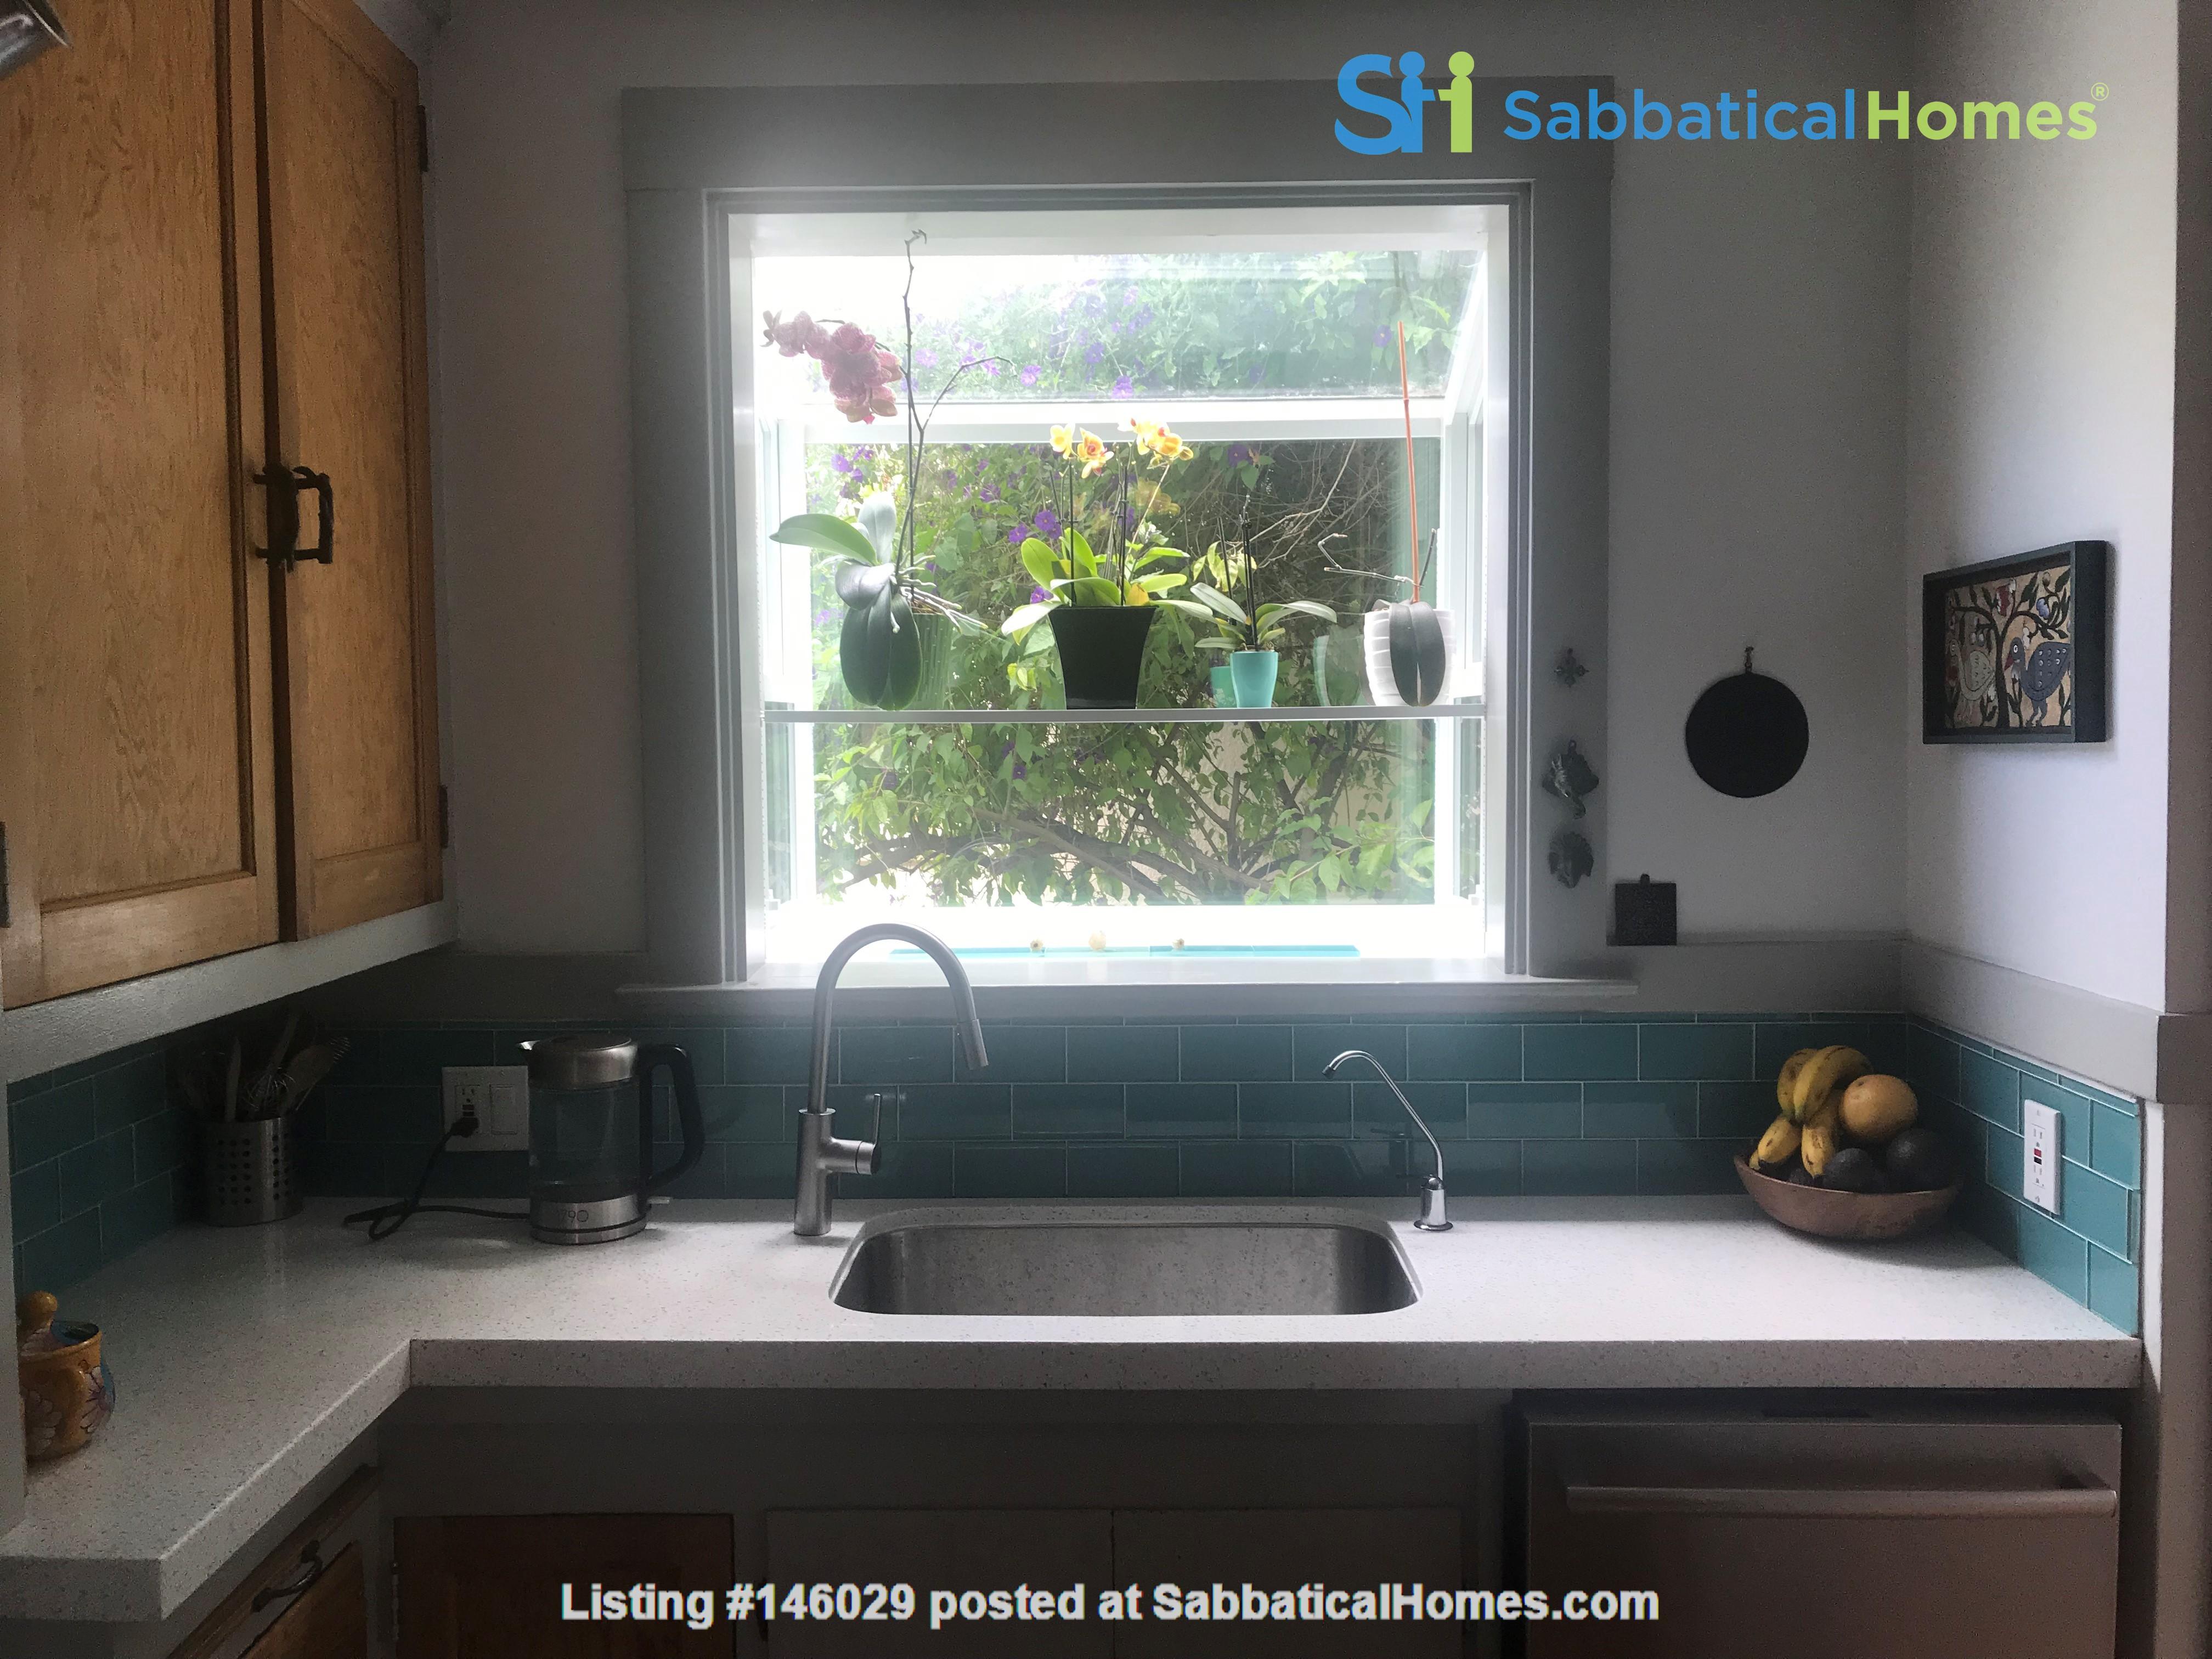 Sublet  Sunny Furnished 3 bedroom / 1..5 bathroom Berkeley Home Home Rental in Berkeley 3